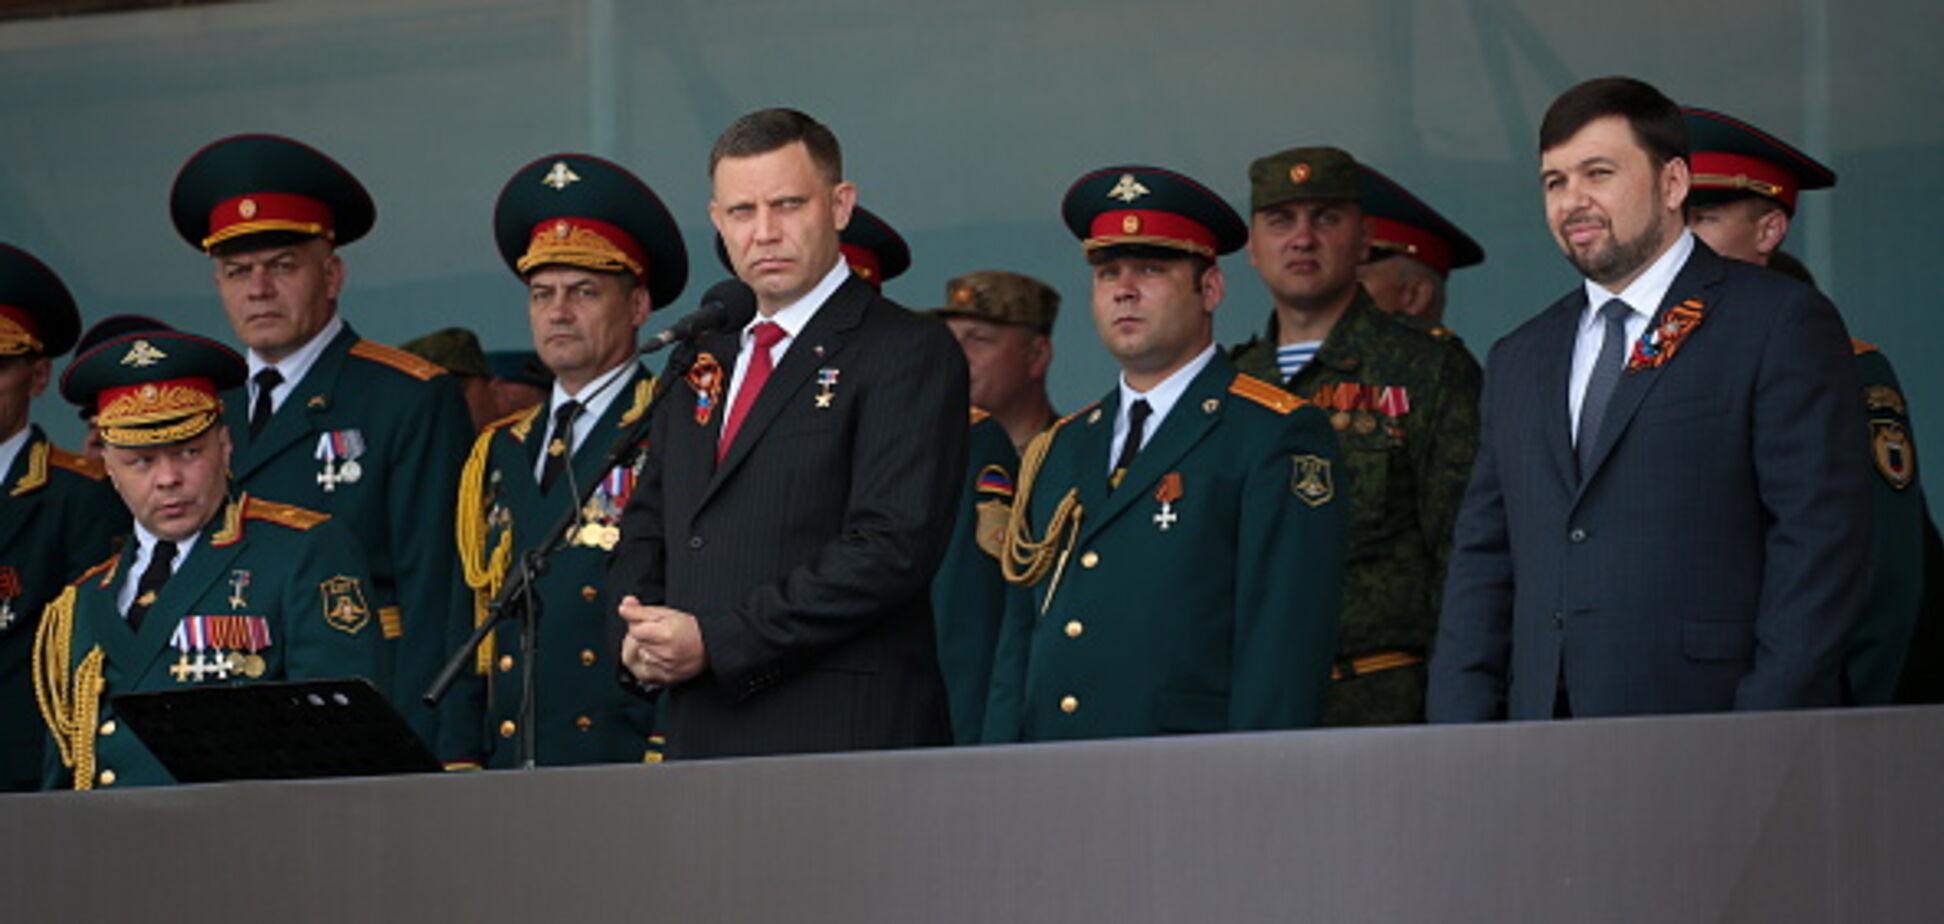 Пришла подмога: в Донецк прибыл 'серьезный' союзник террористов